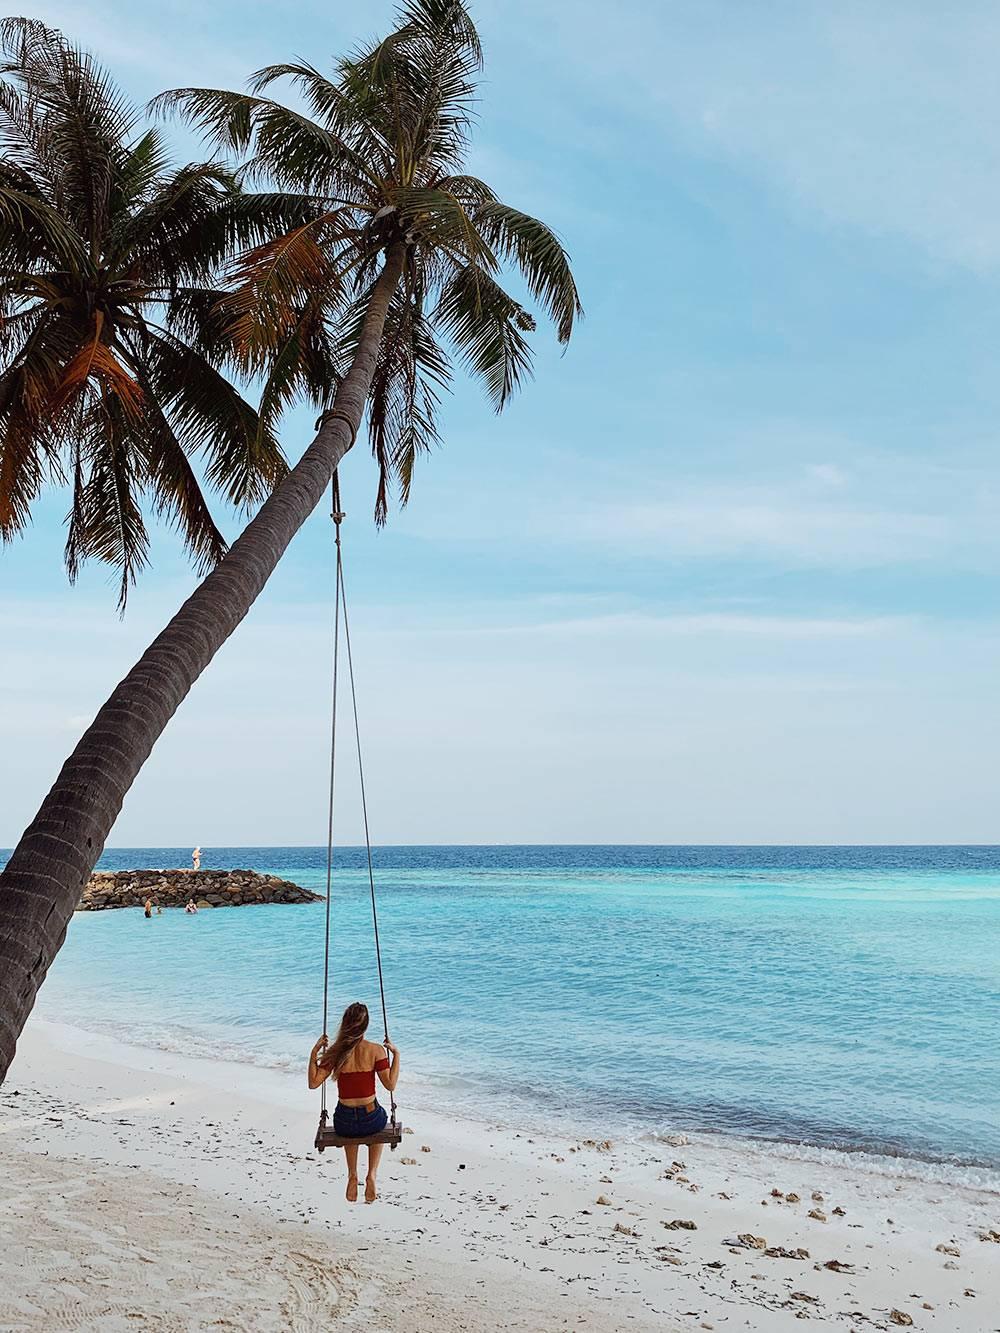 Я проснулась в 7 утра, чтобы покататься на этих качелях на пляже Бикини-бич на острове Маафуши. После завтрака к ним выстраивается очередь